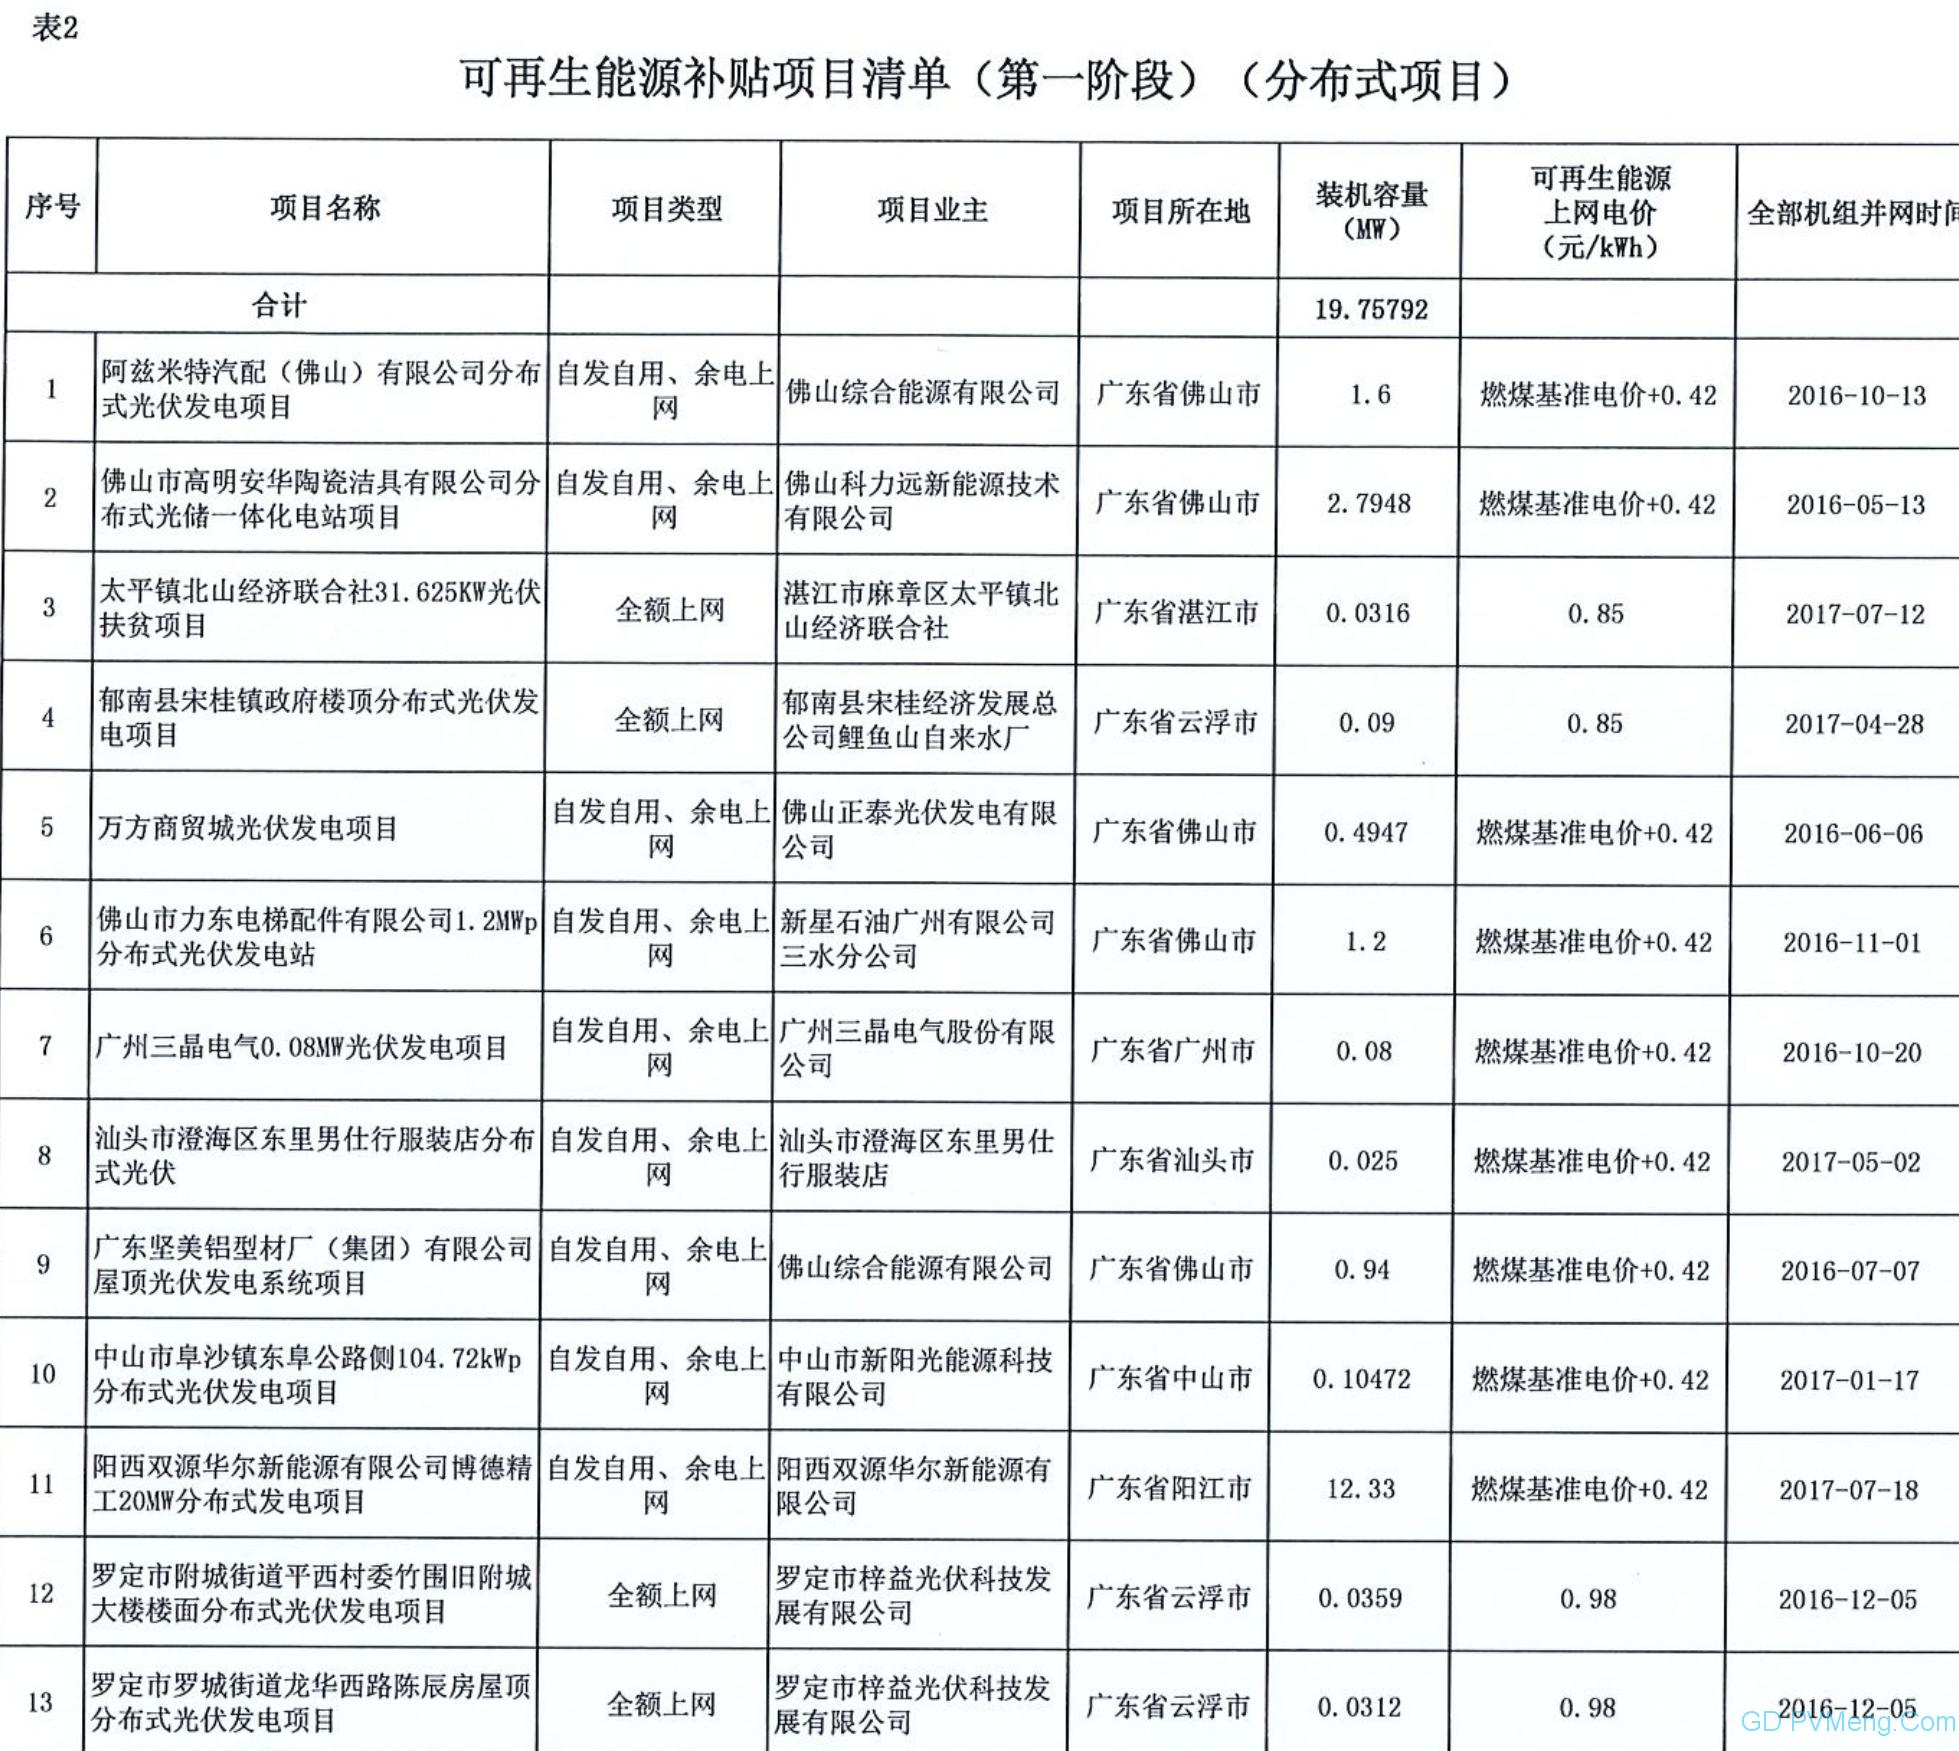 广东电网关于属地区域内拟纳入2020年可再生能源补贴项目清单(第一阶段)的公示20200429